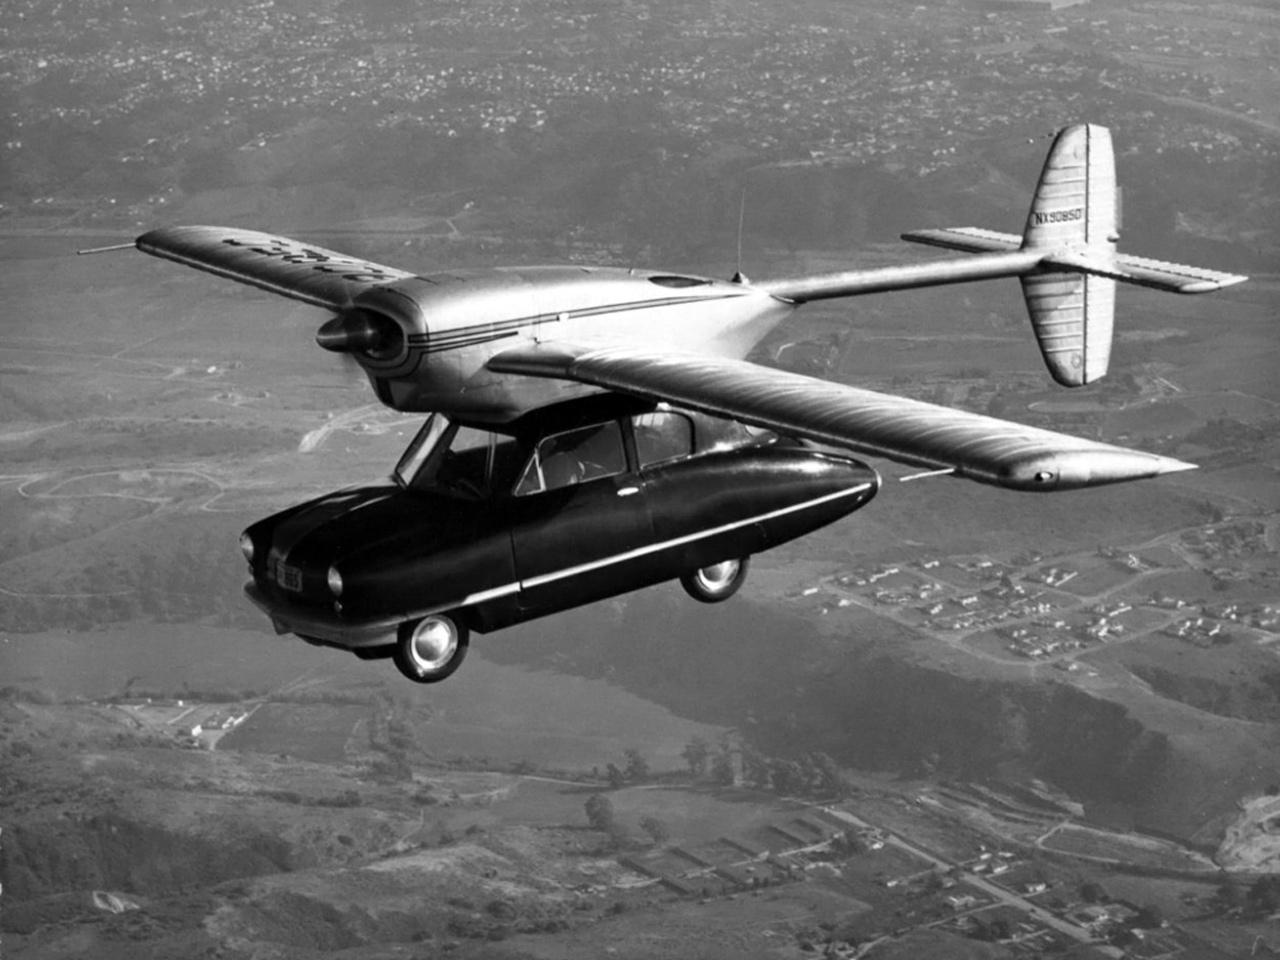 A ConvAirCar esetében már érezhetően az autó volt a középpontban